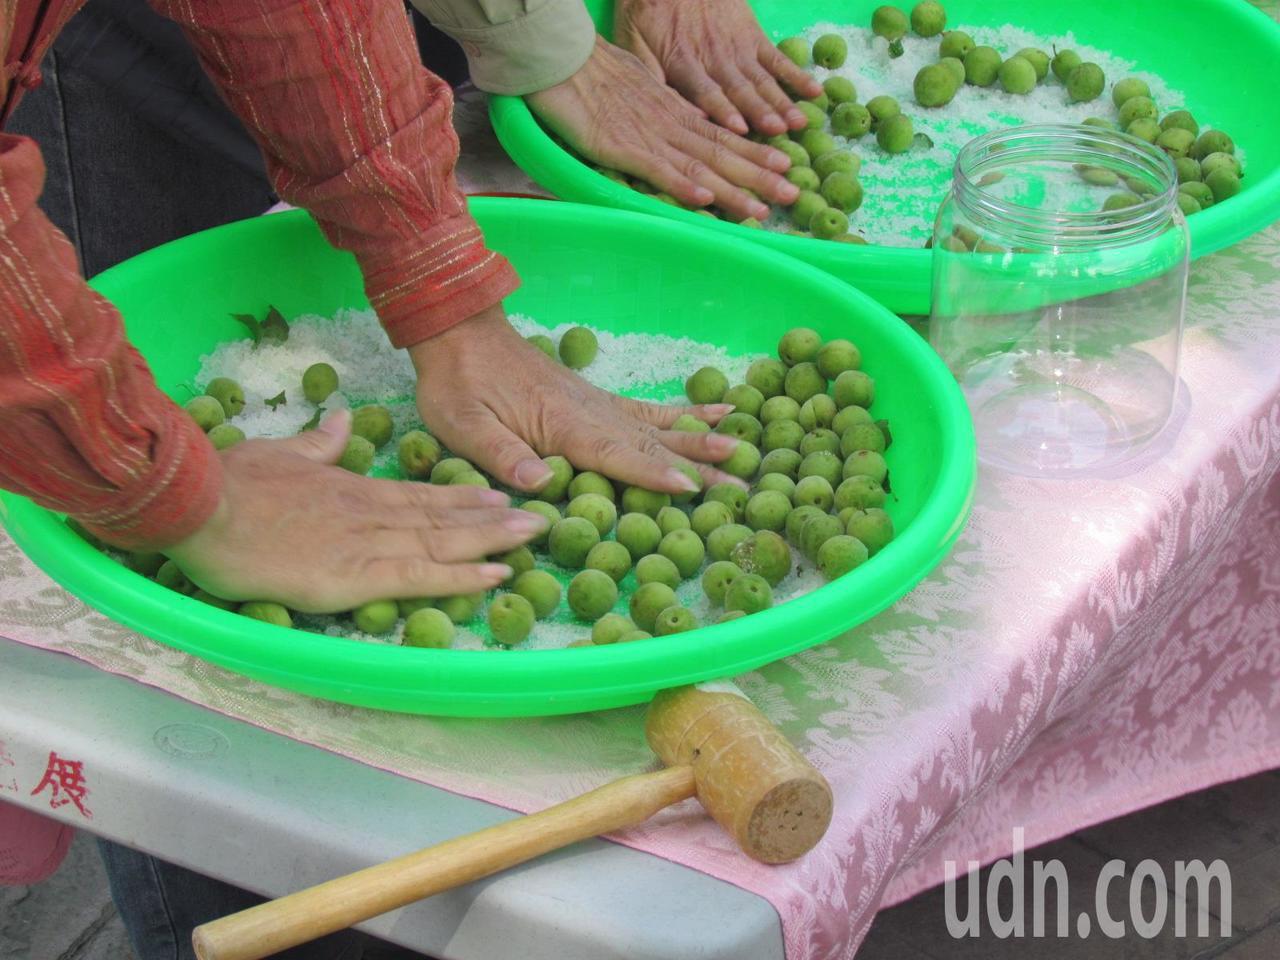 製作脆梅的第一步,把青梅放入盆裡,和著粗鹽用力搓揉。記者張家樂/攝影